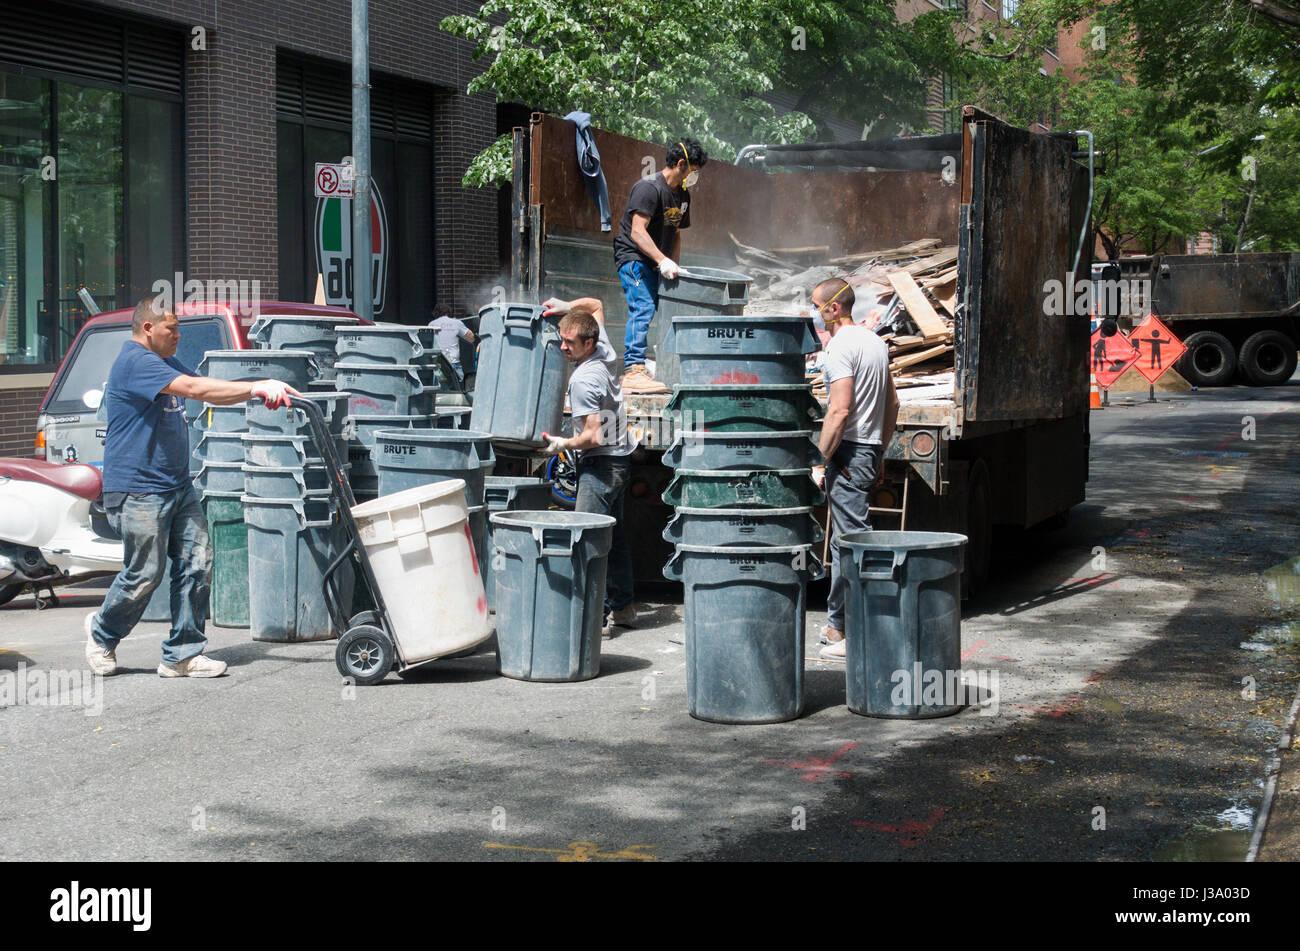 Cuatro hombres la remoción de escombros de construcción en grandes cubos de plástico n la ciudad Imagen De Stock